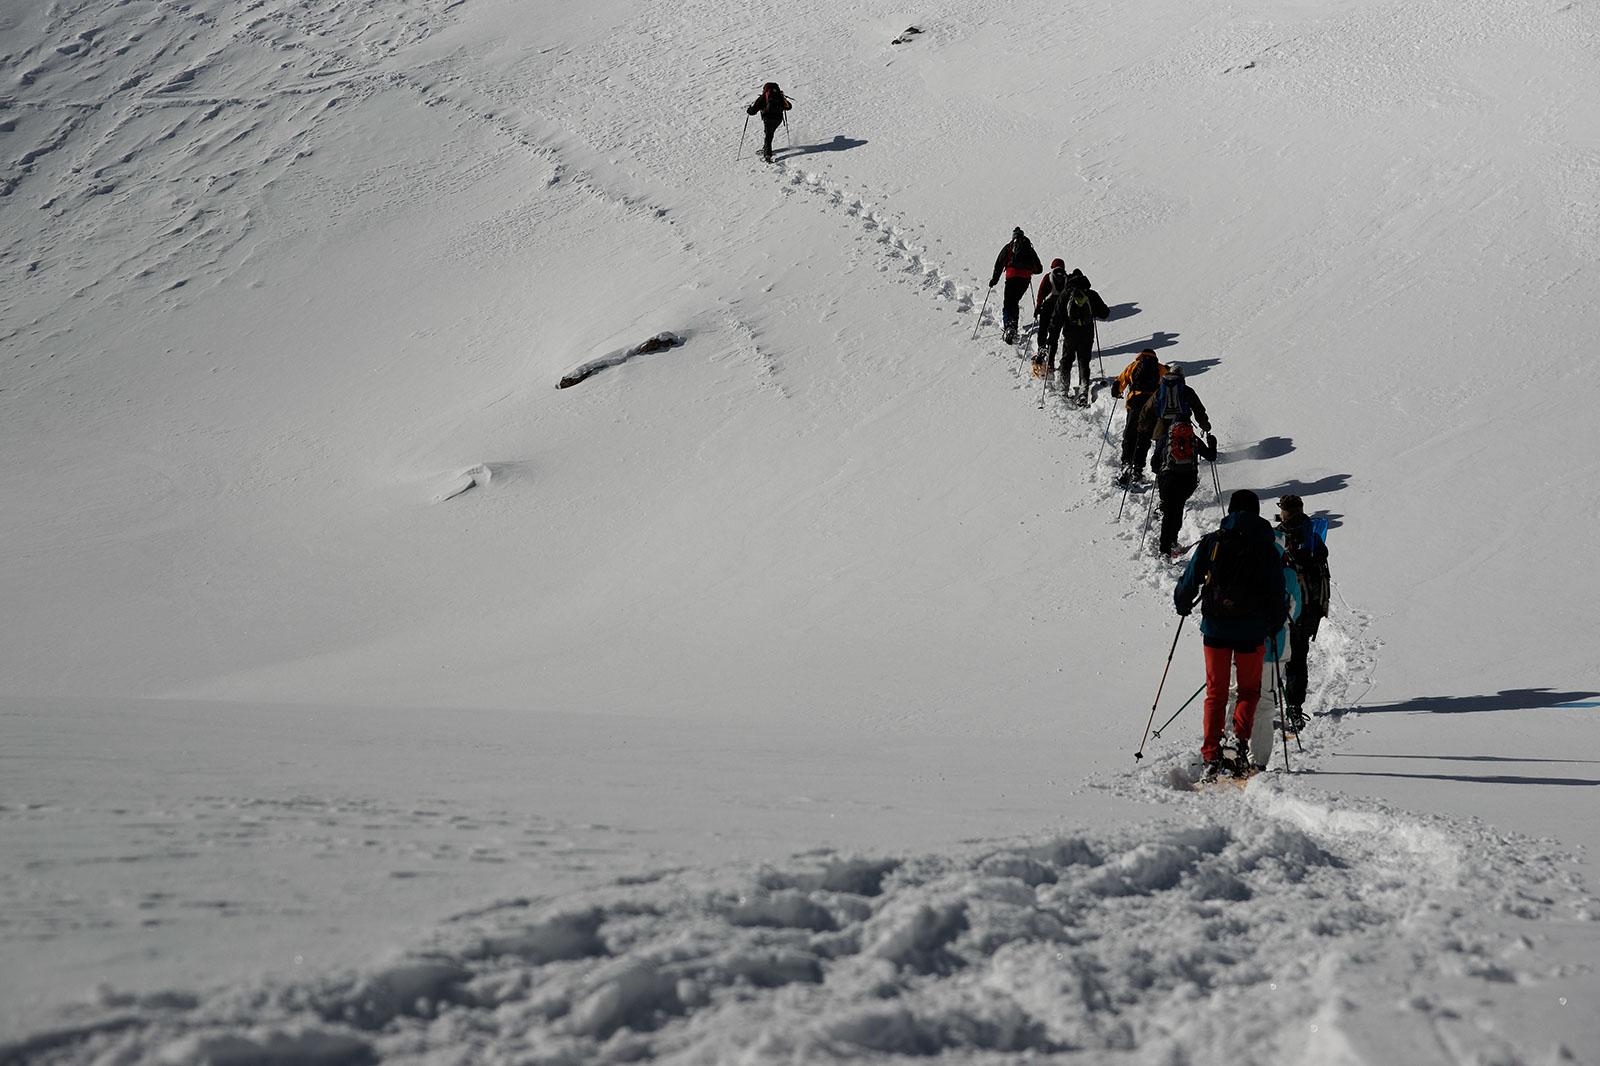 Snow shoes, Les Ecrins, February 2011